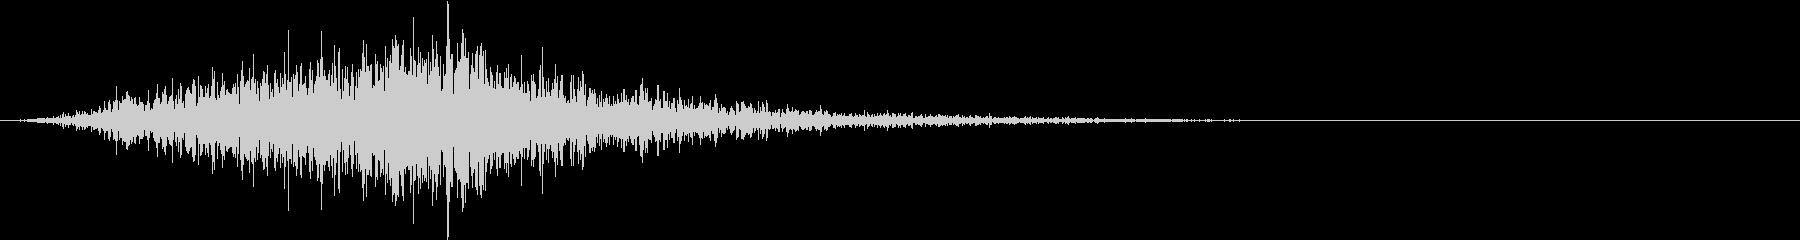 シューッという音EC07_90_1の未再生の波形